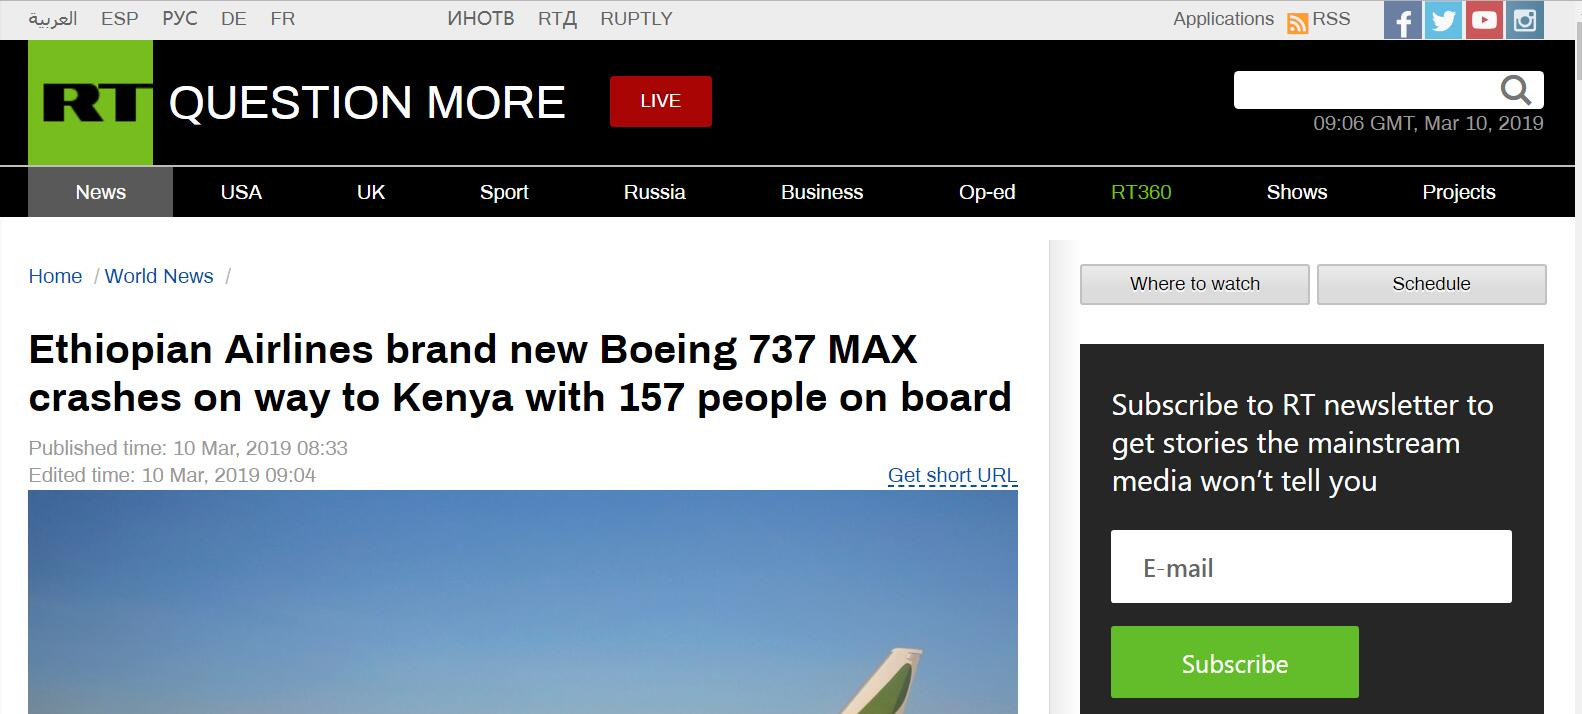 埃塞俄比亚航空公司一架载有157人的客机坠毁 机上没有生还者